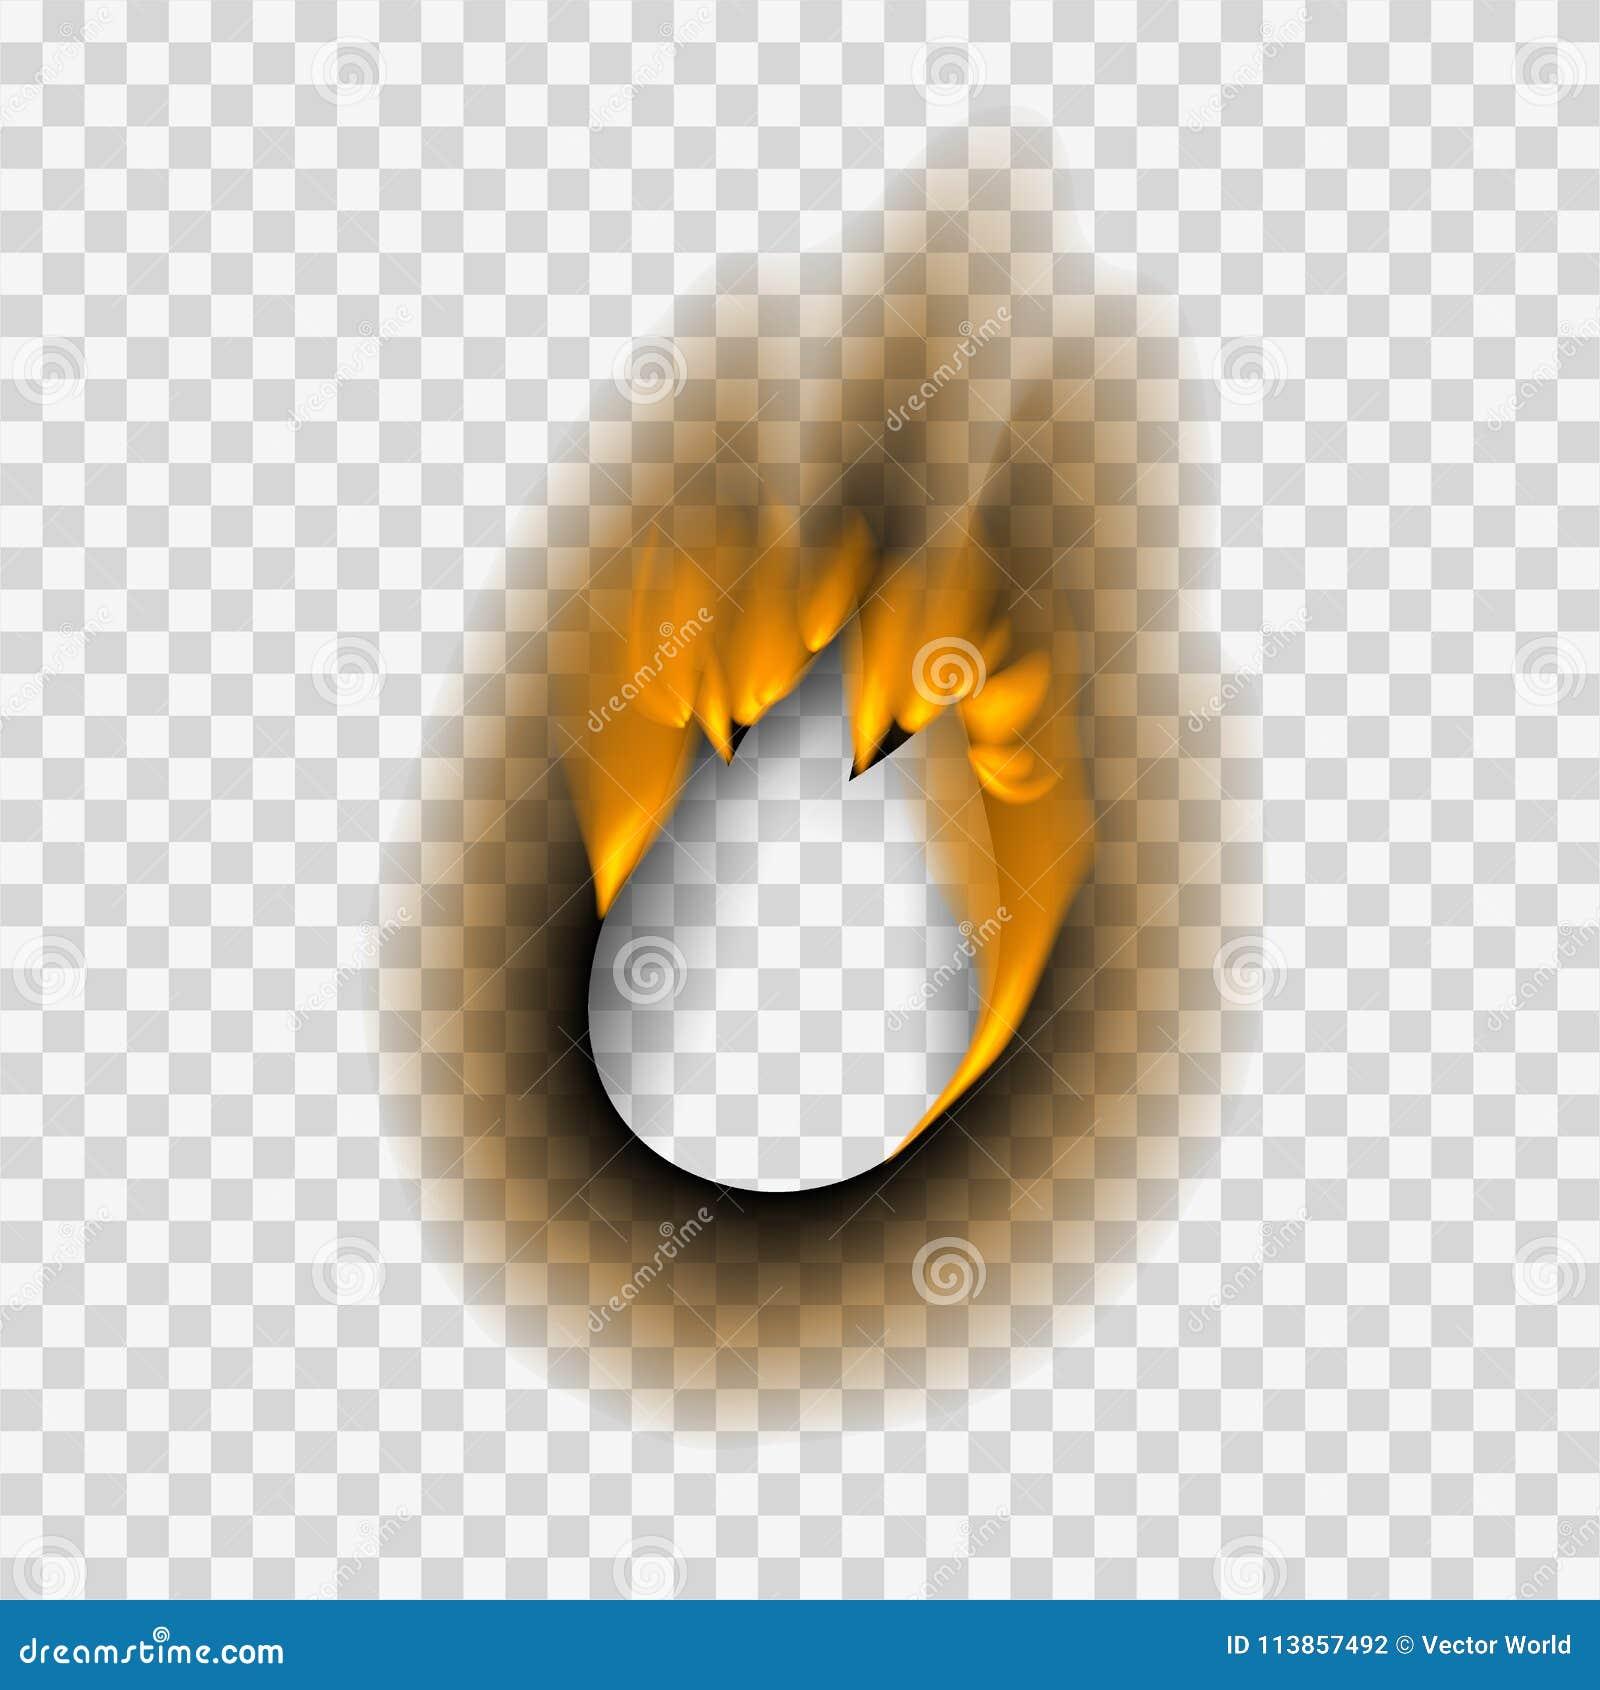 Das gebrannte gebrannte Stück verblaßte Papierder feuerflammenseite des lochs realistisches Vektorillustration Blatt heftige Asch